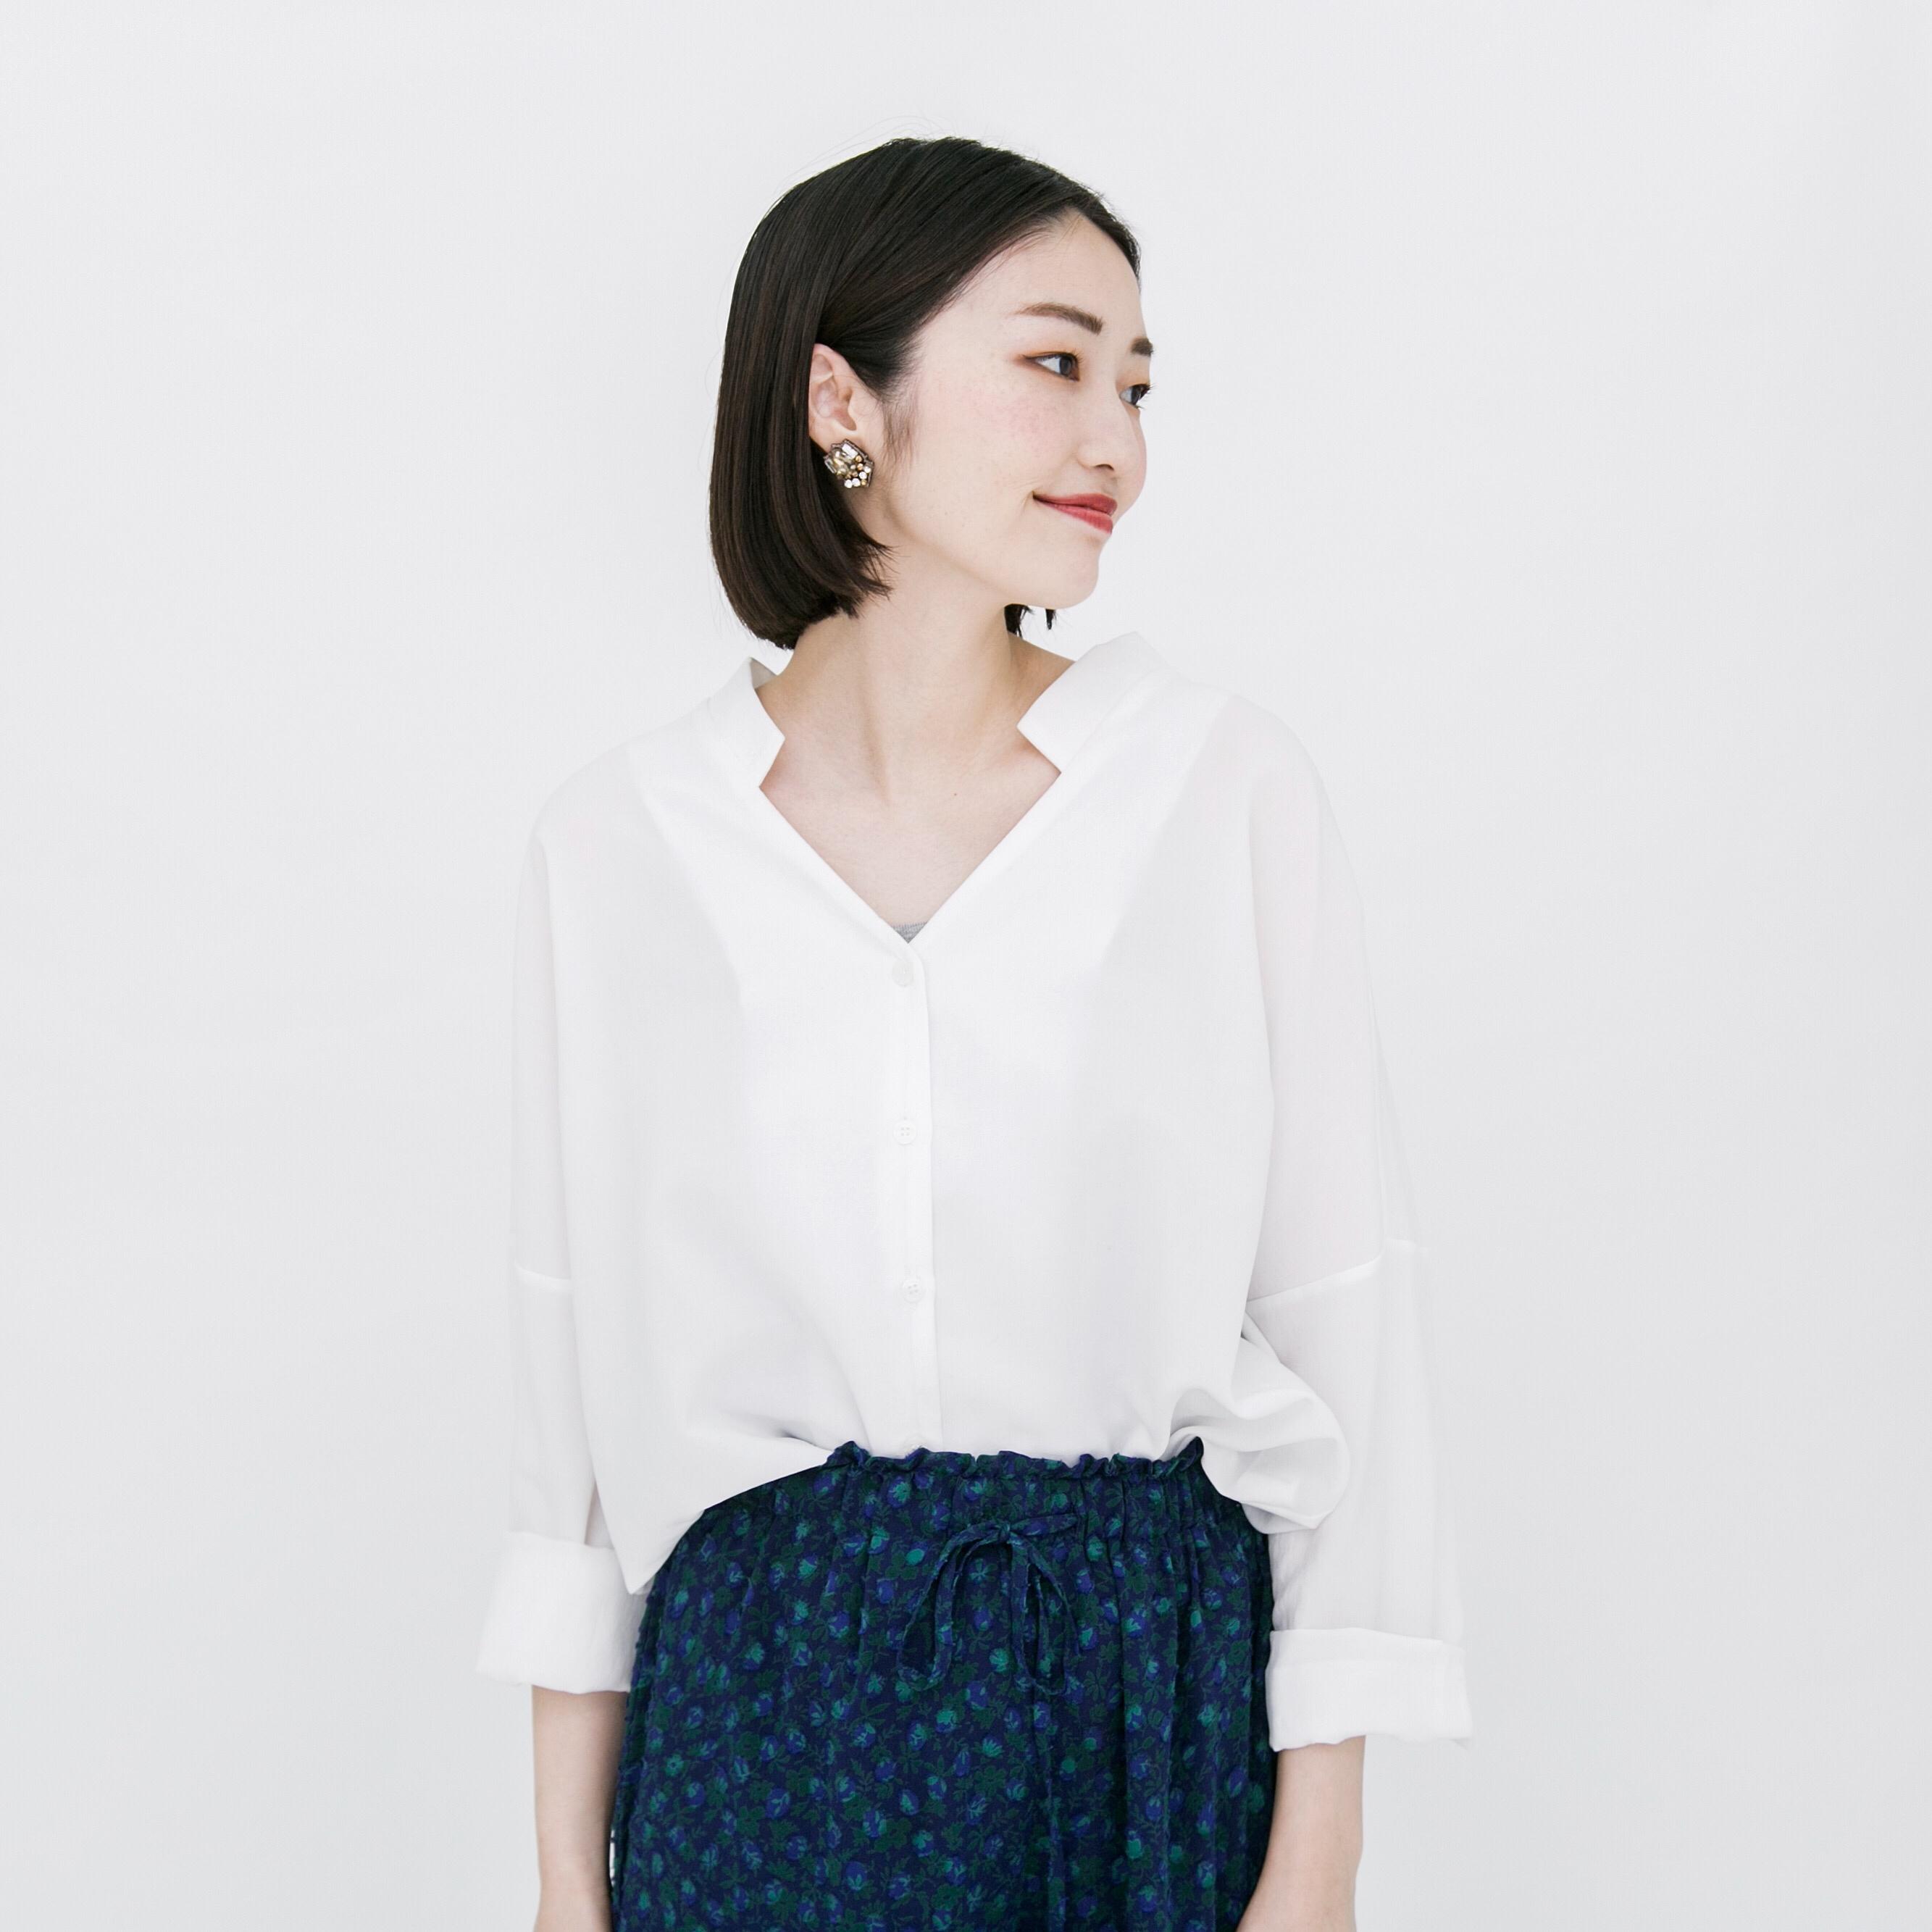 Kaneko Mayumi